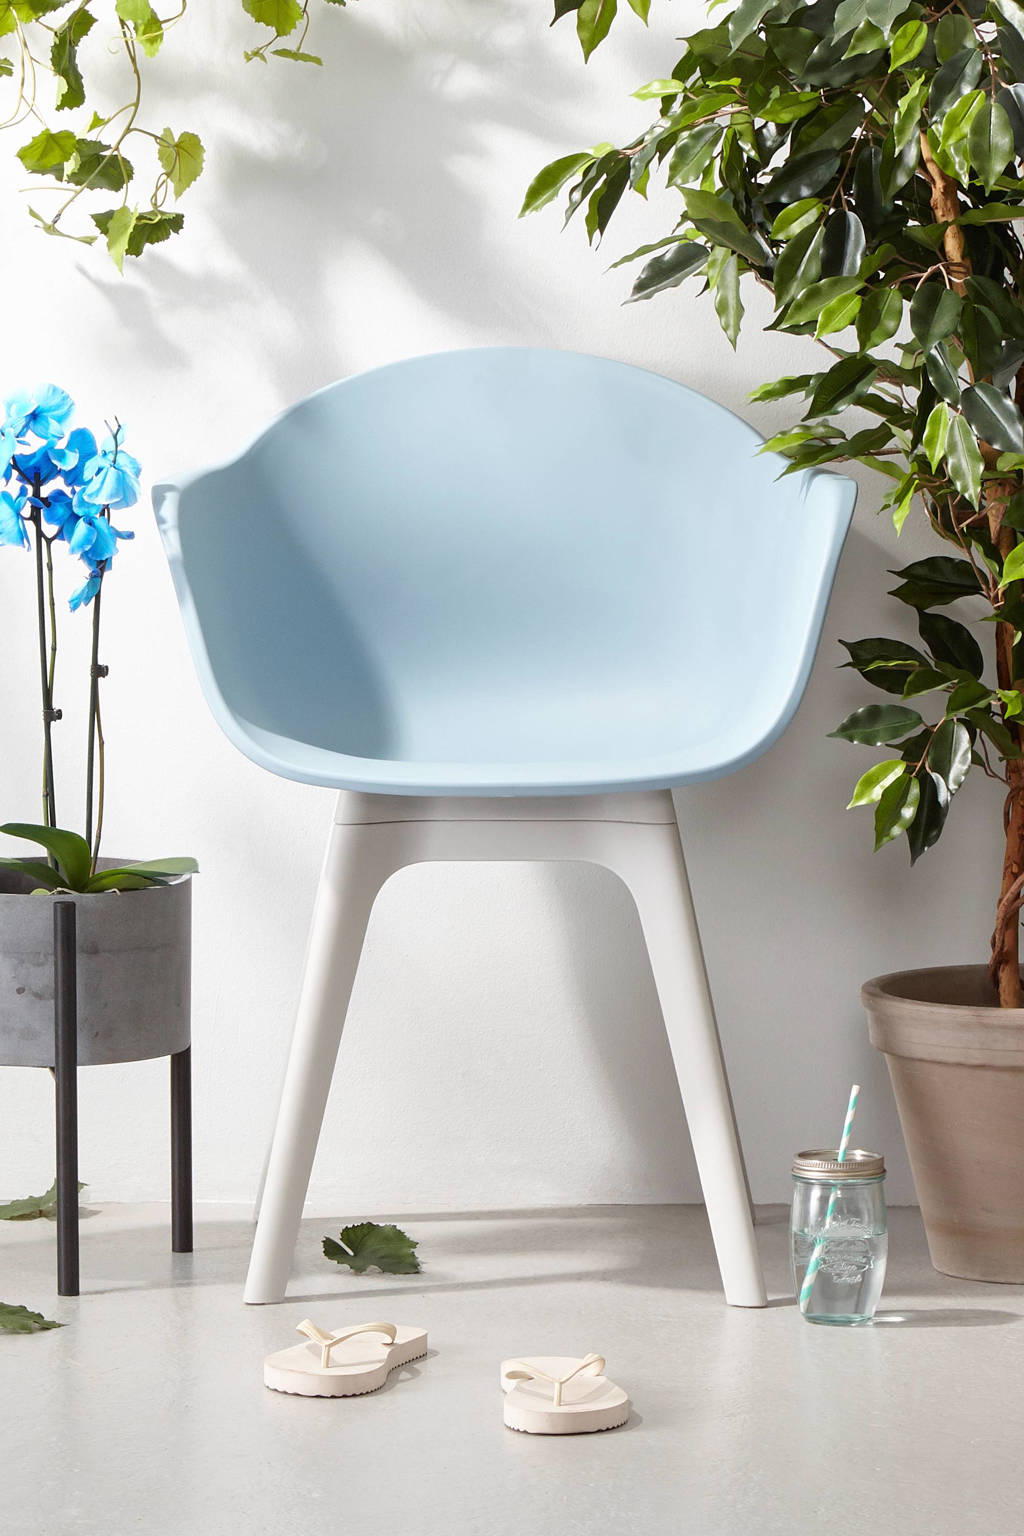 whkmp's own kuipstoel Sado, Blauw/grijs